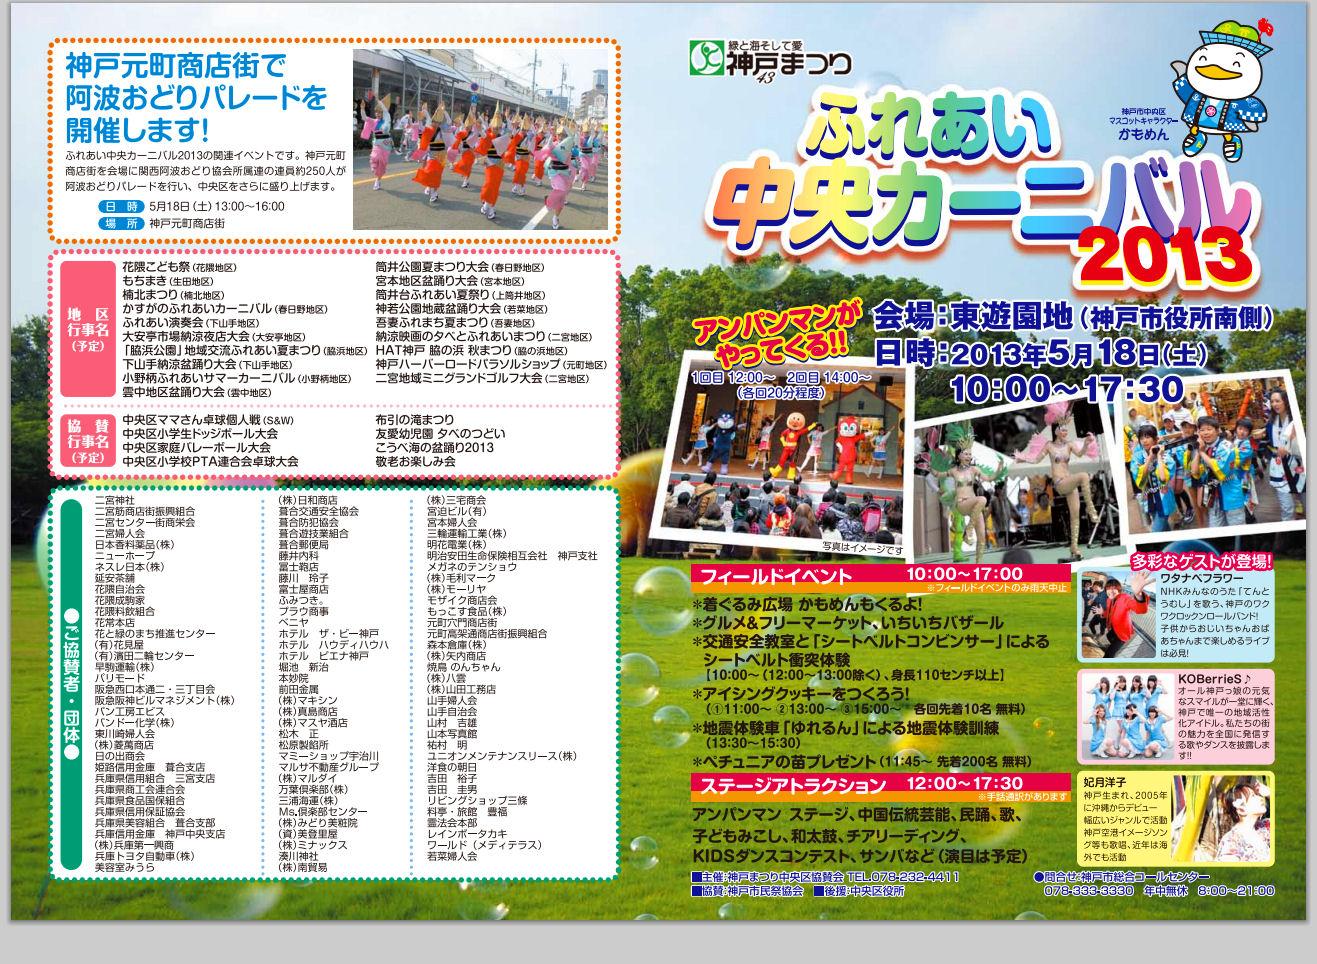 神戸まつり・ふれあい中央カーニバル